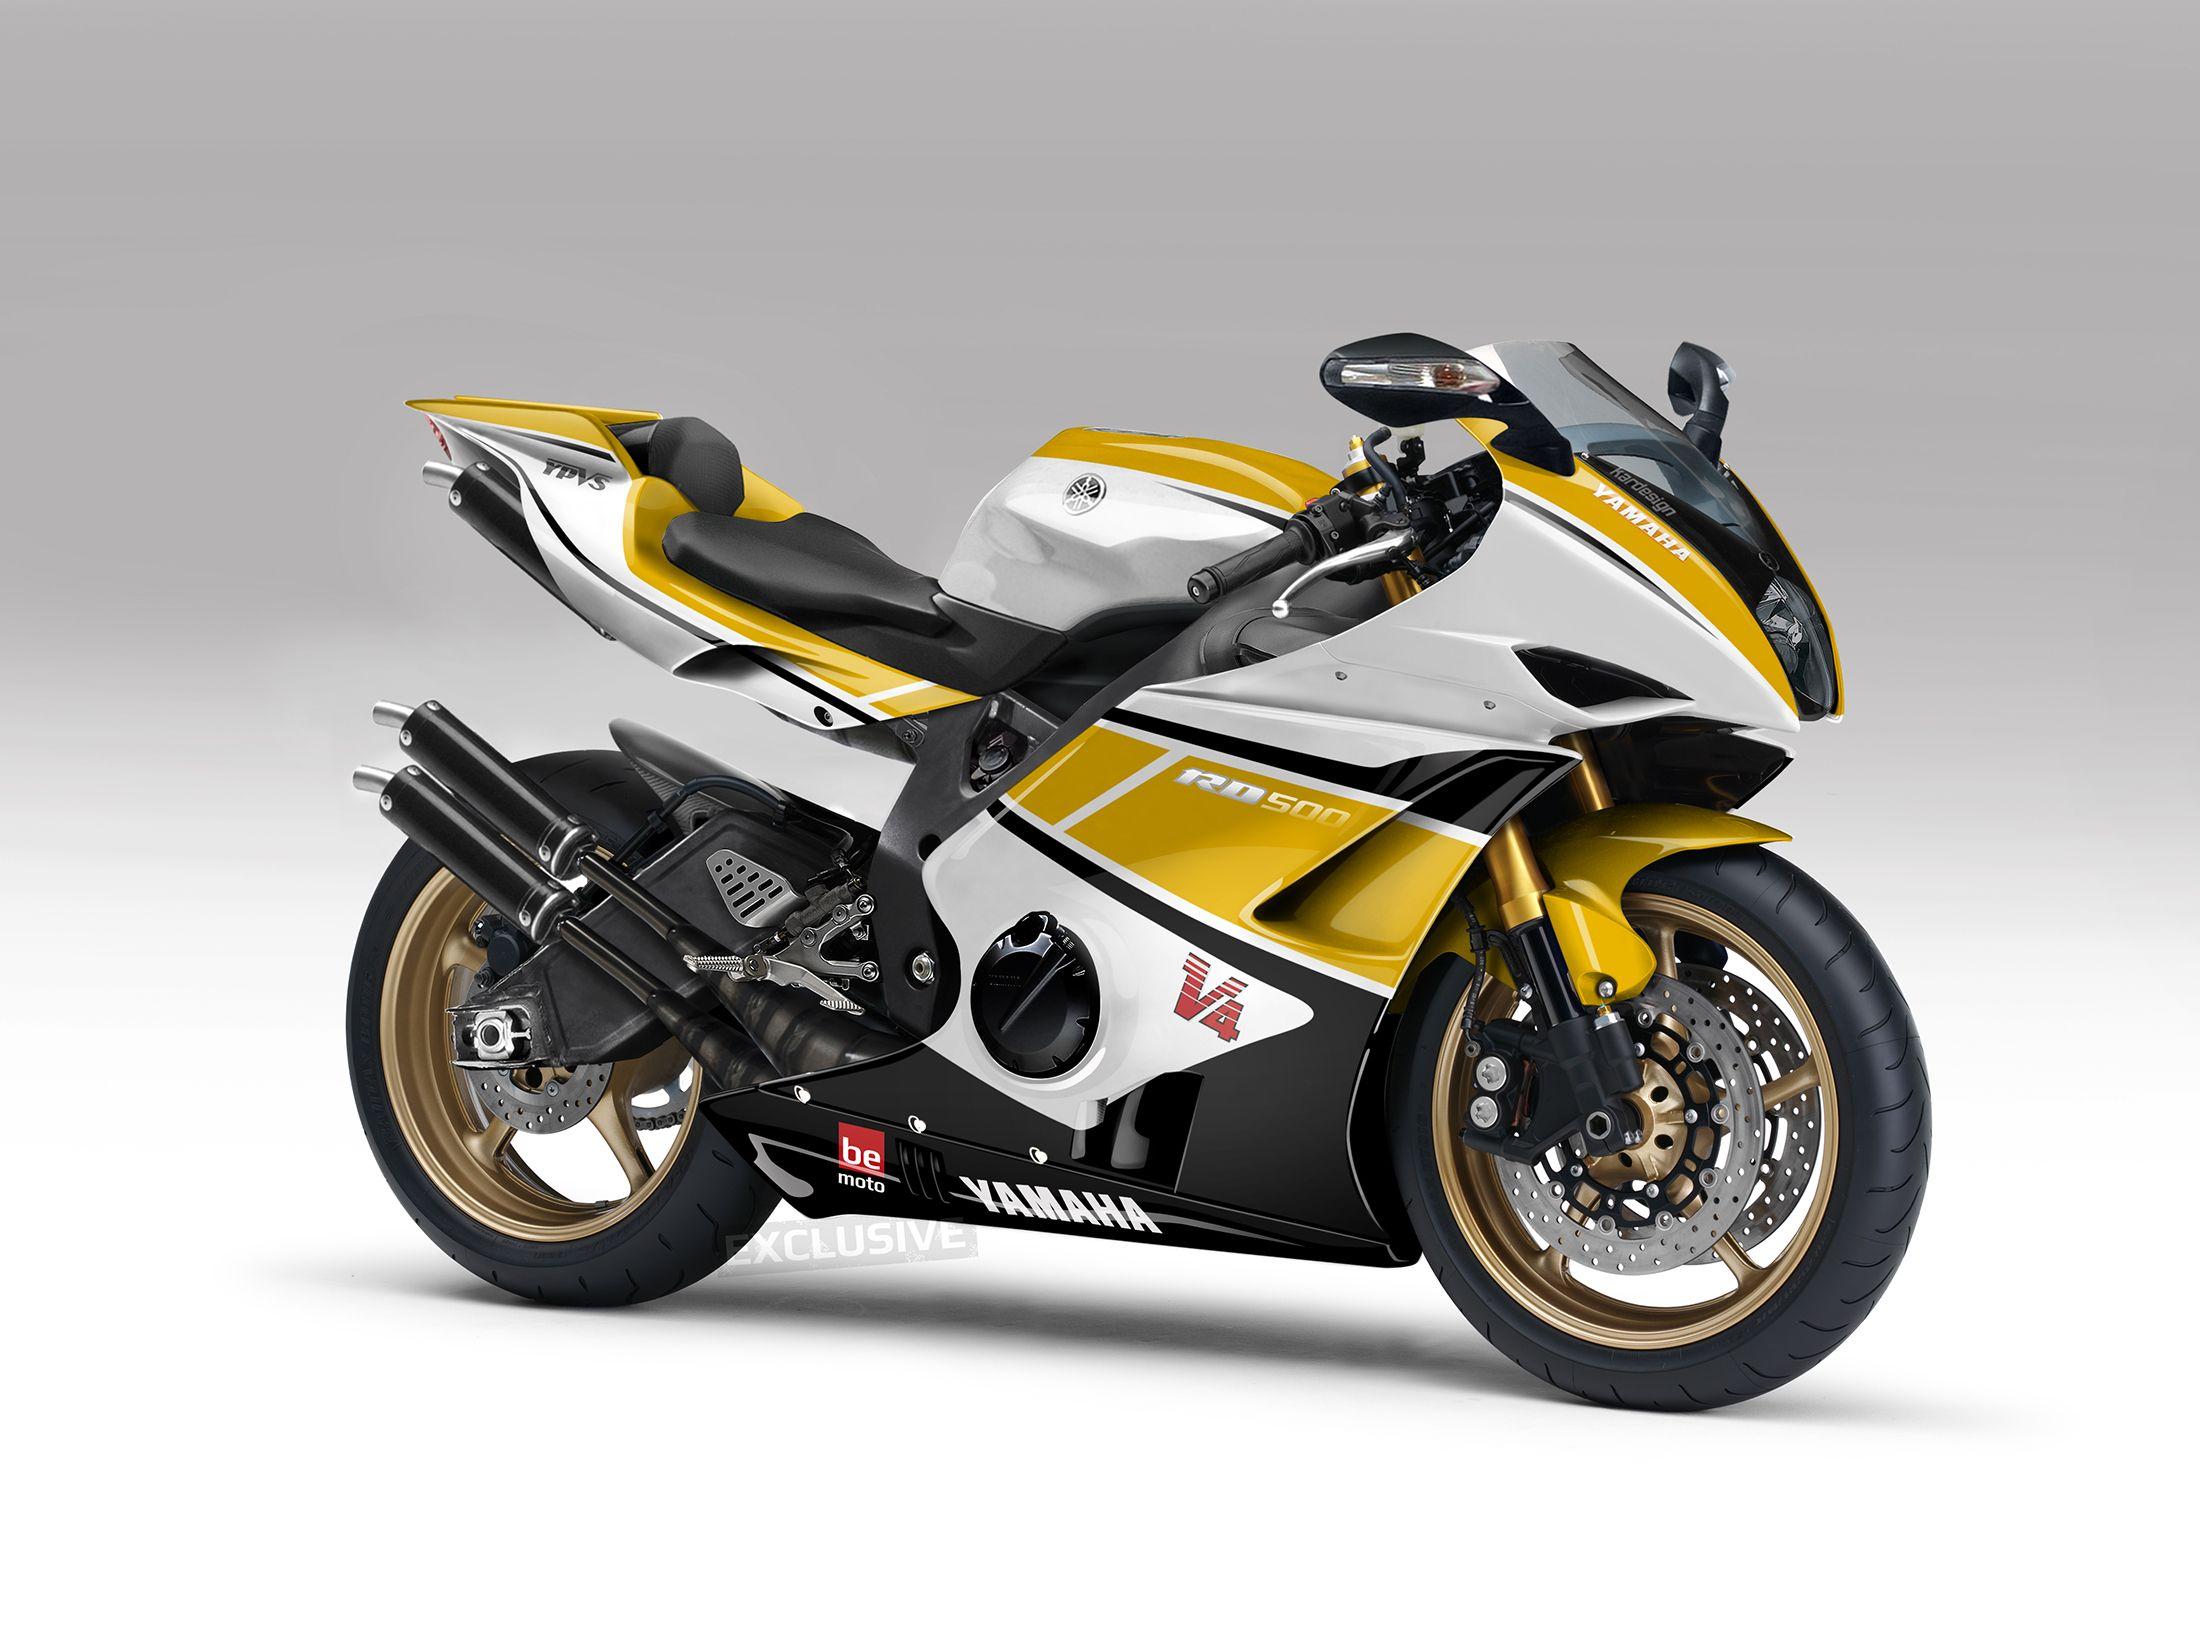 Yamaha Ow01 For Sale >> Yamaha Motor Company history and iconic bikes   BeMoto